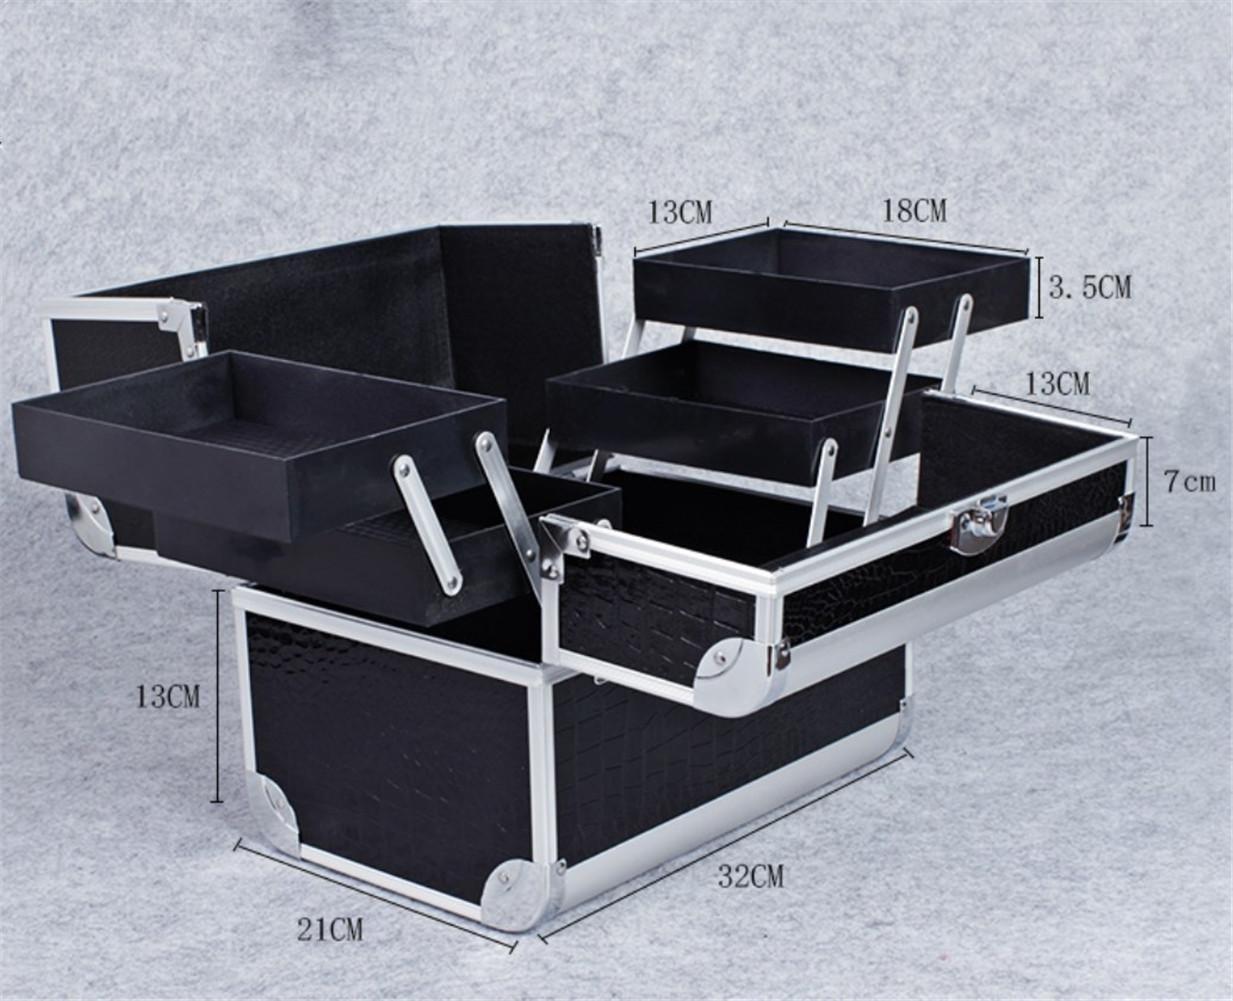 HAPPYMOOD 化粧ポーチメイクボックス化粧品ケースメイクアップスーツケース専門的なロック可能なストレージ女性旅行   B078S7M65Y